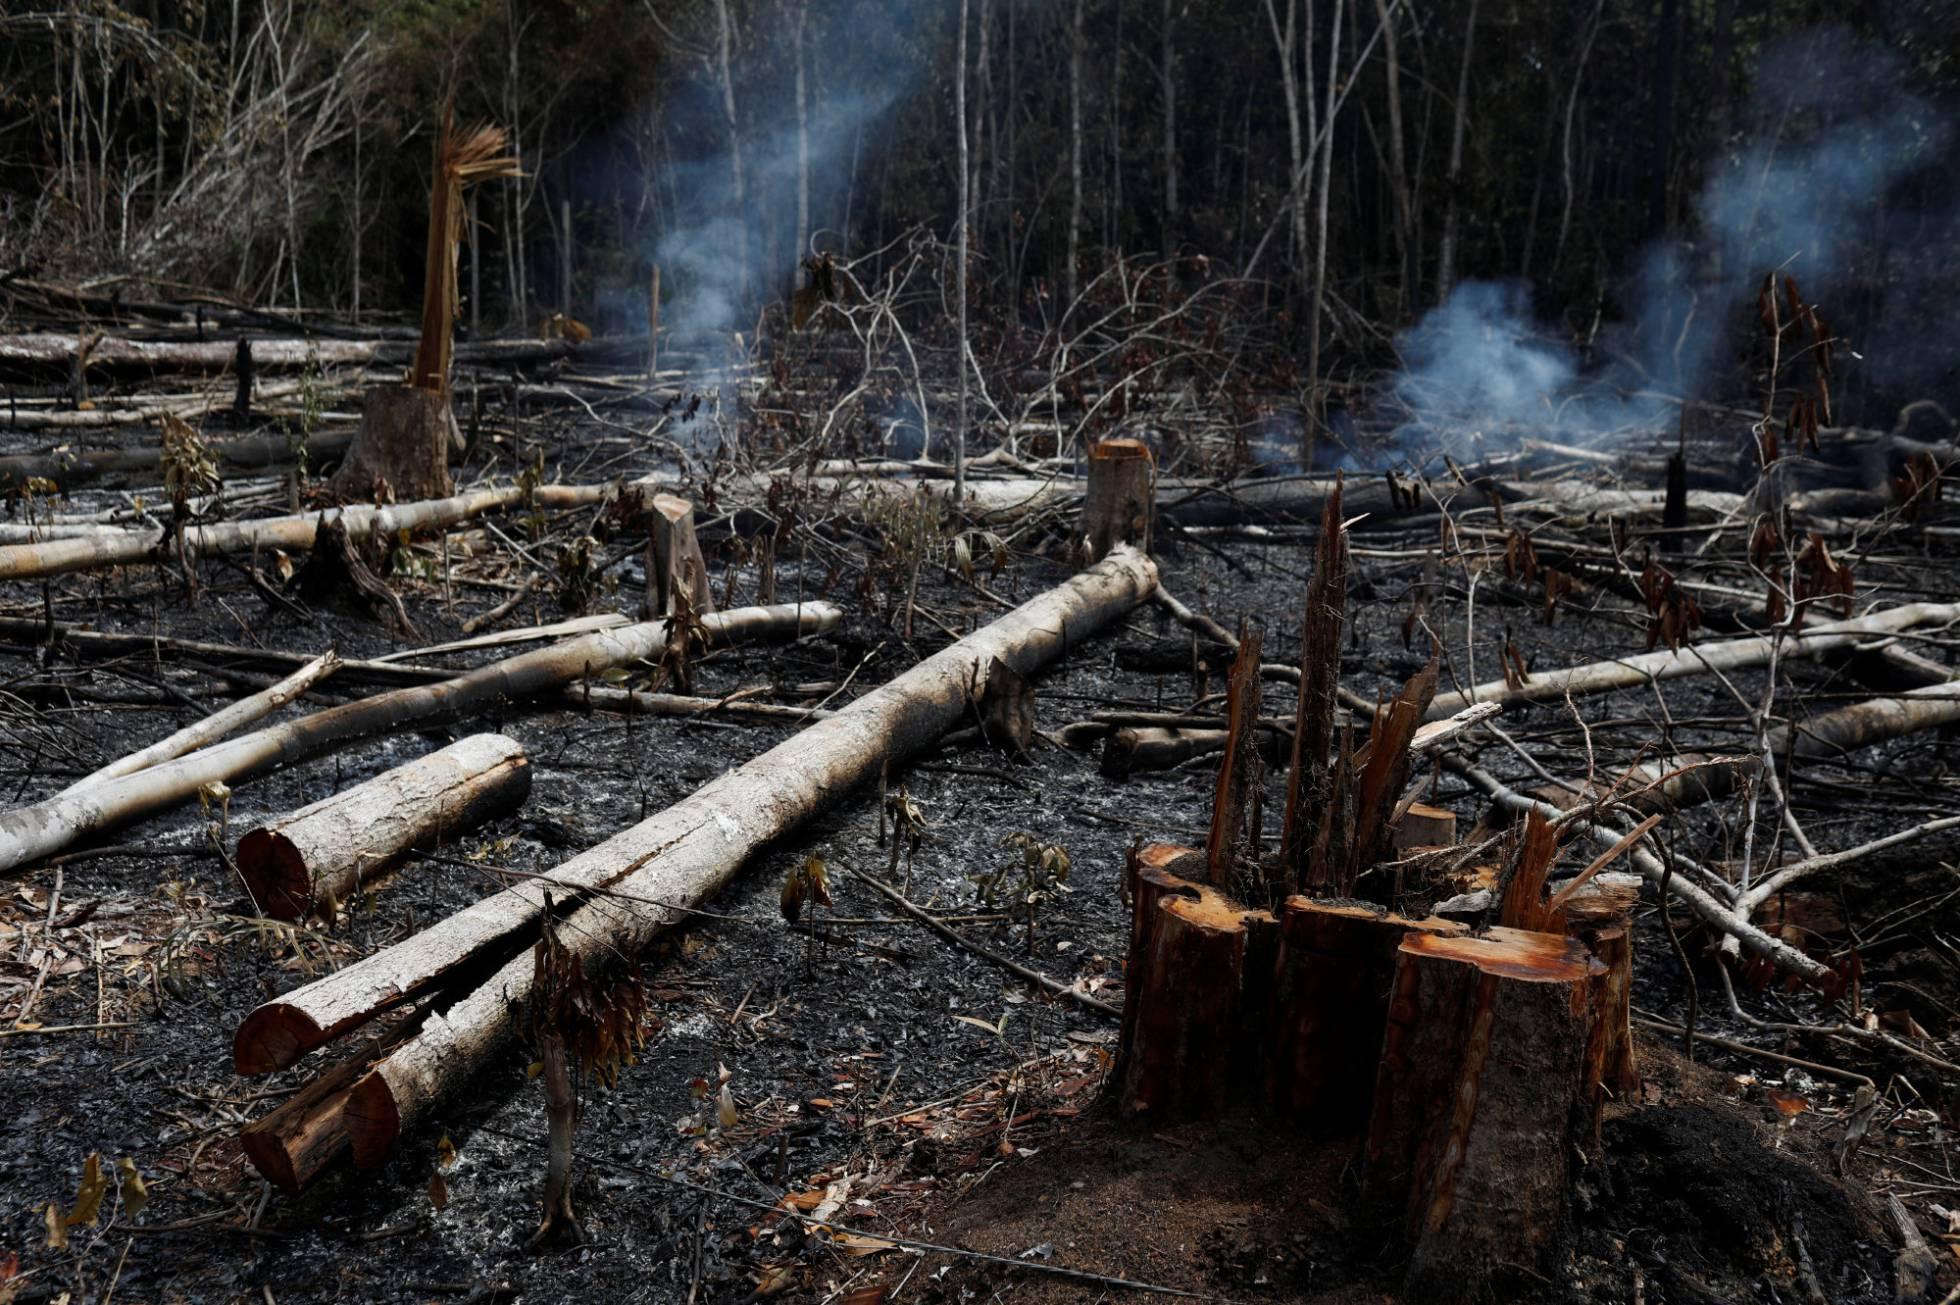 Los incendios en la Amazonia desatan las críticas contra el Gobierno de Bolsonaro